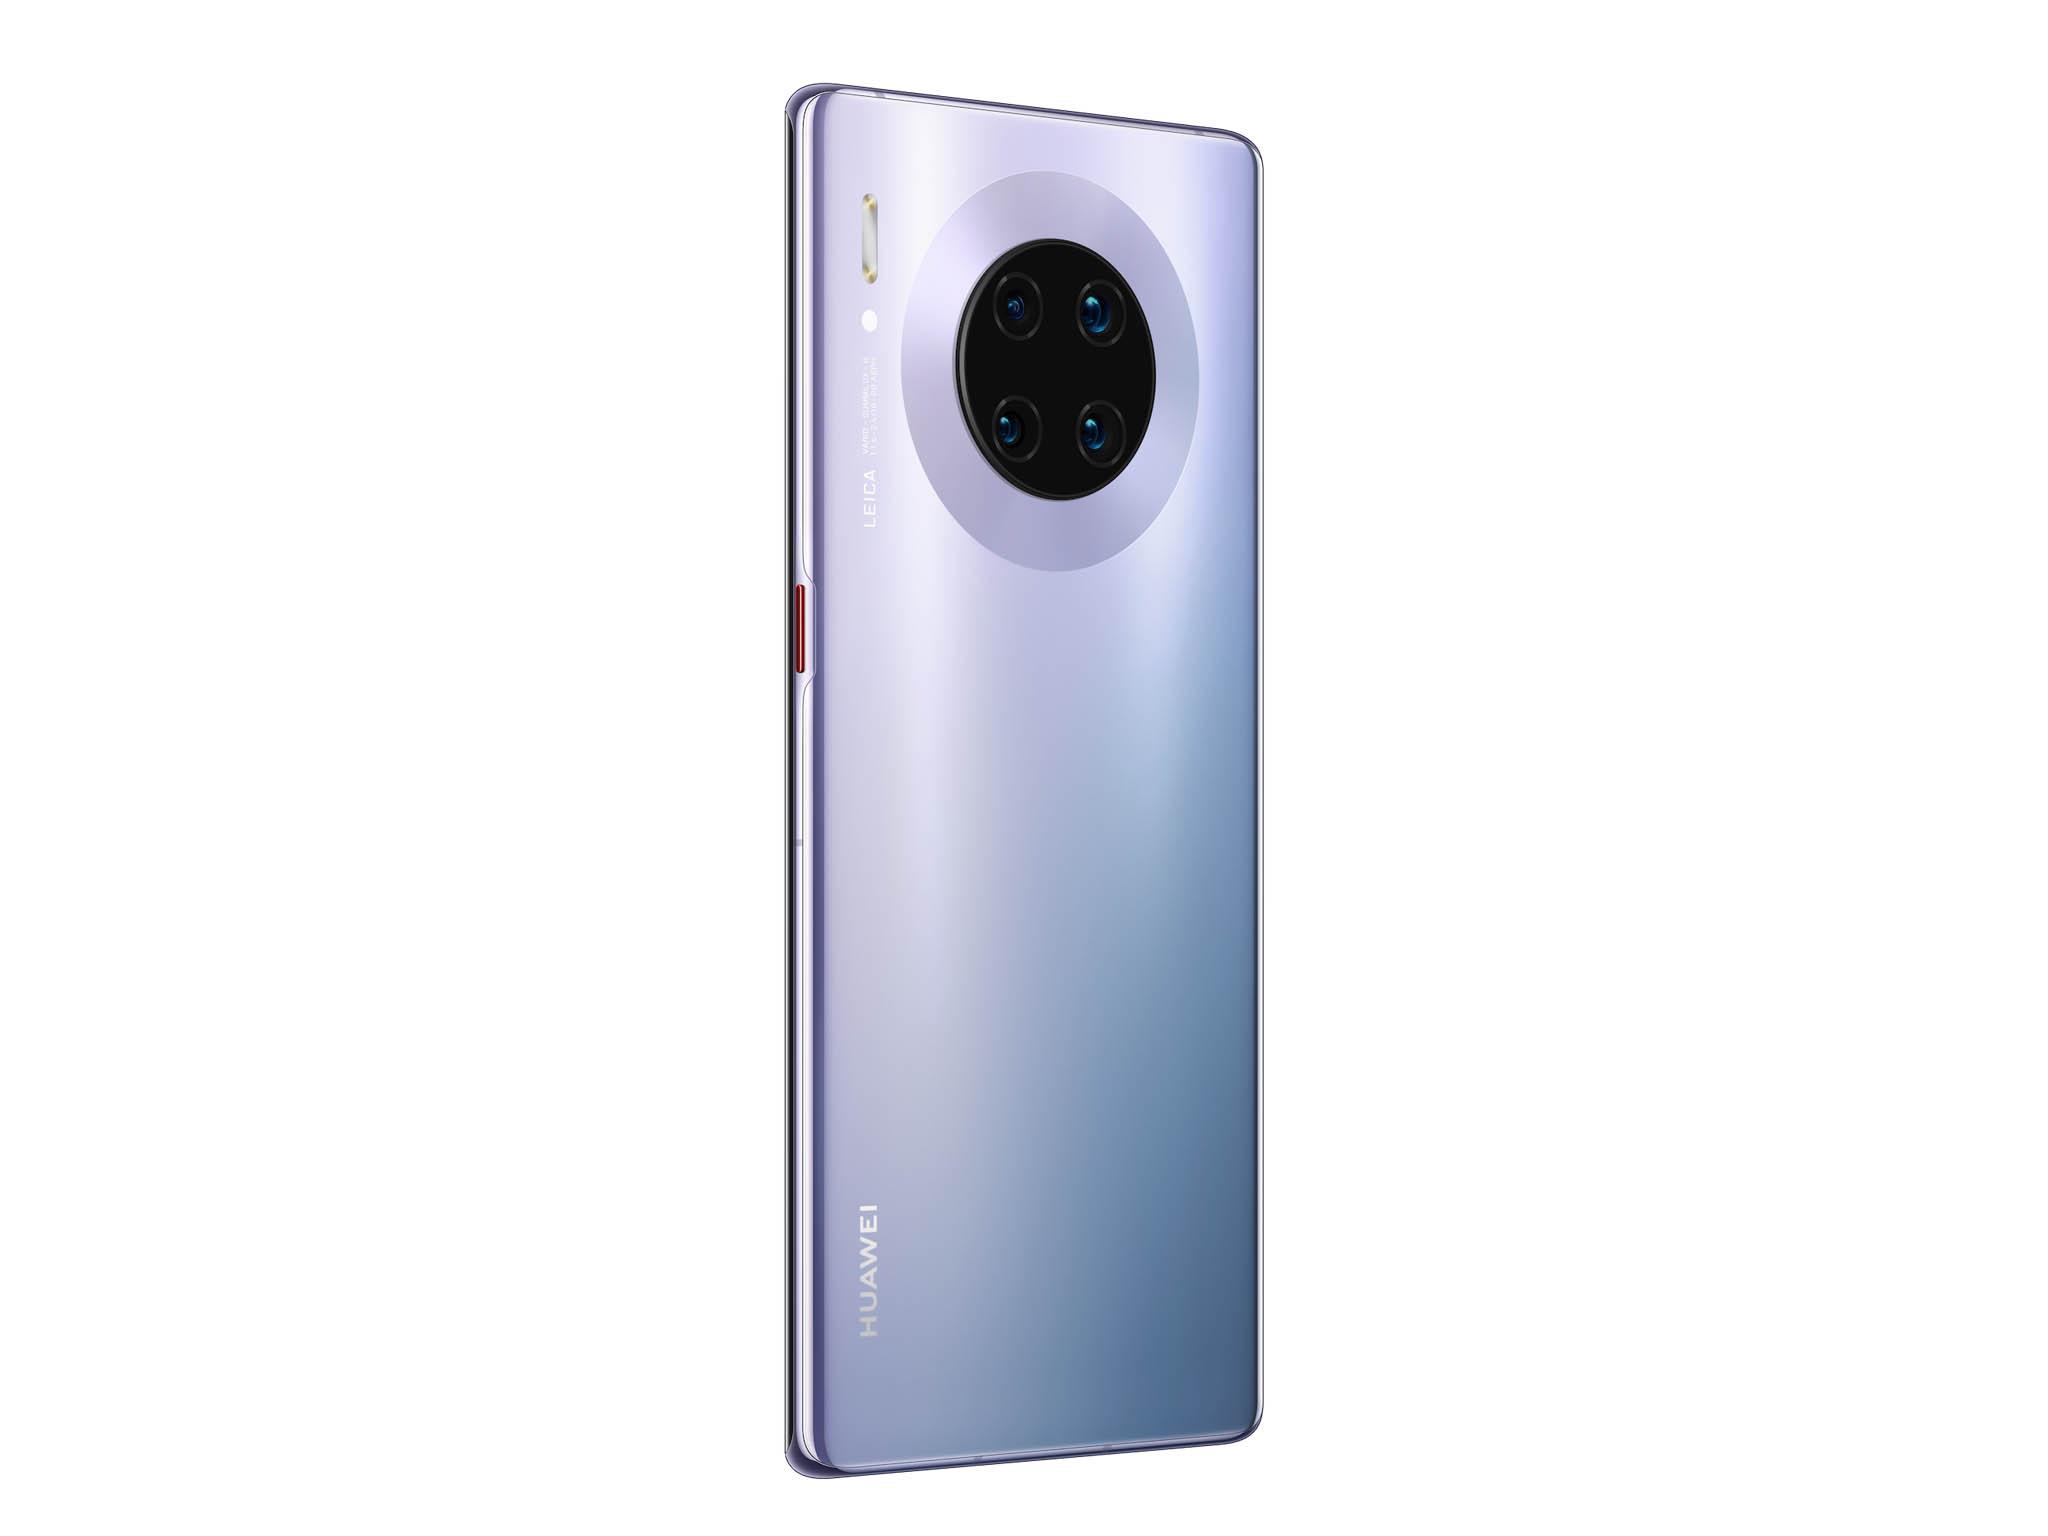 Huawei v Česku začal prodávat model Mate 30 Pro sAndroidem, ale bez služeb Googlu - obchodu Google Play, Google Pay, bez YouTube nebo Google Photos.